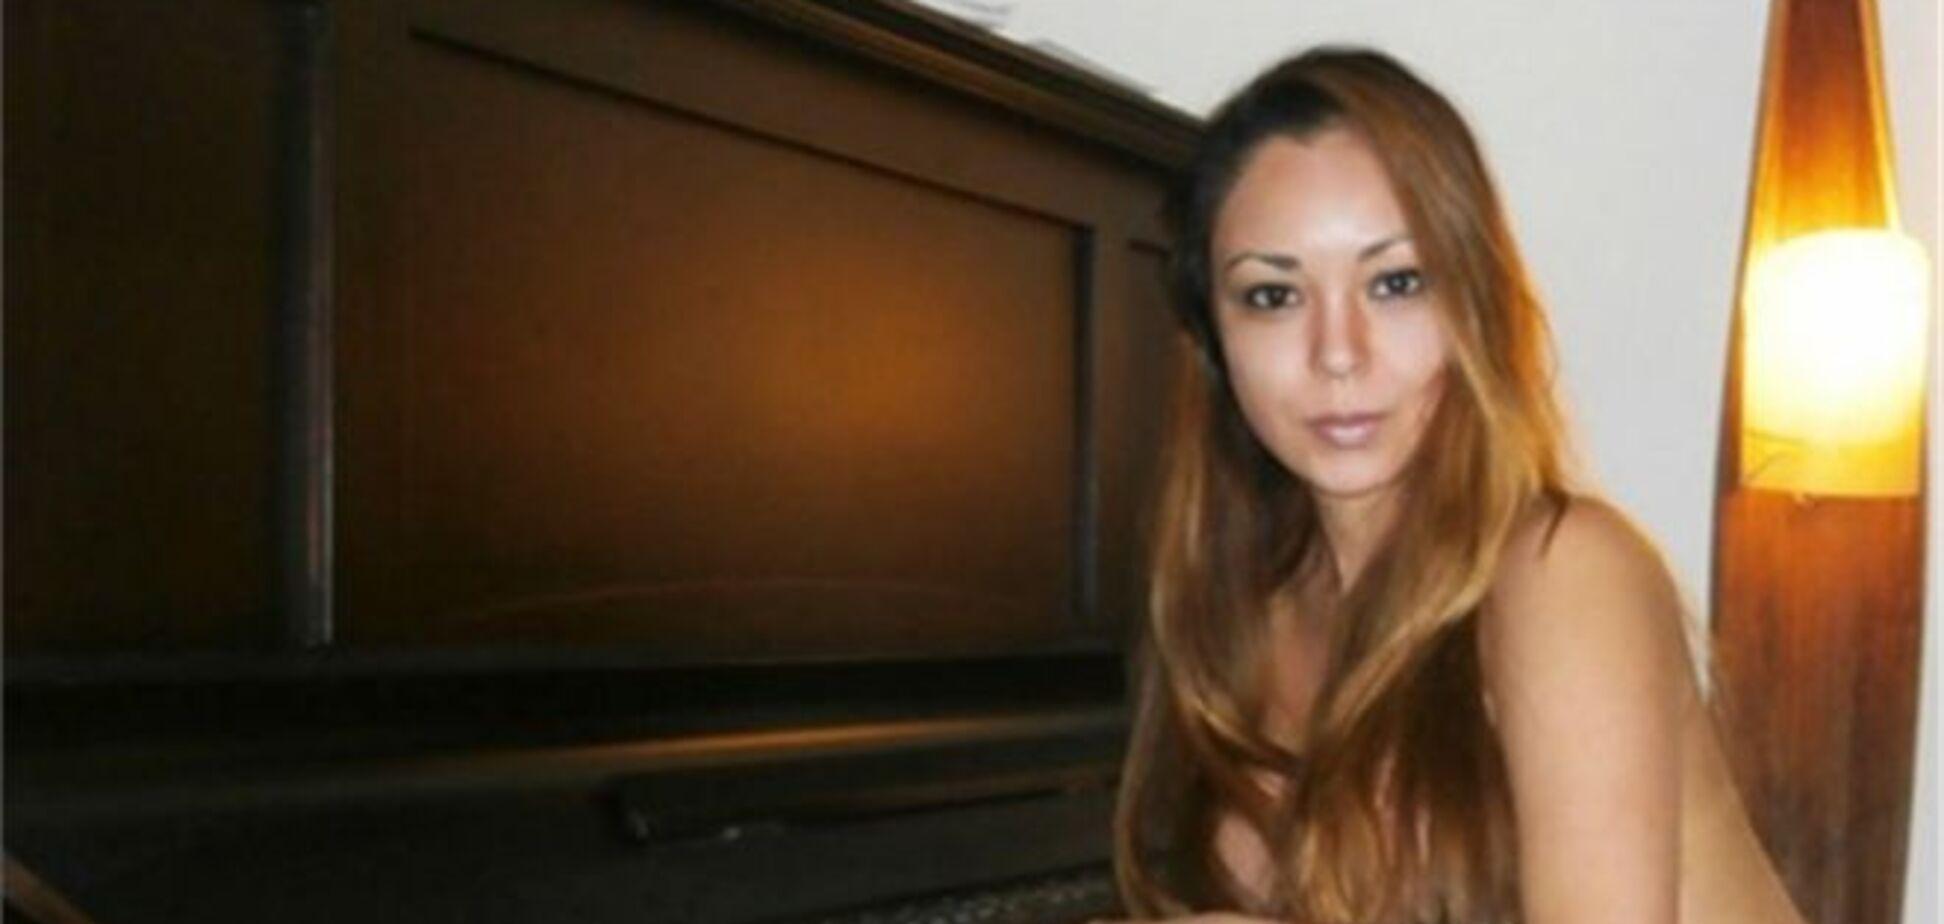 Гола піаністка, яка виконала футбольний гімн, підірвала Інтернет